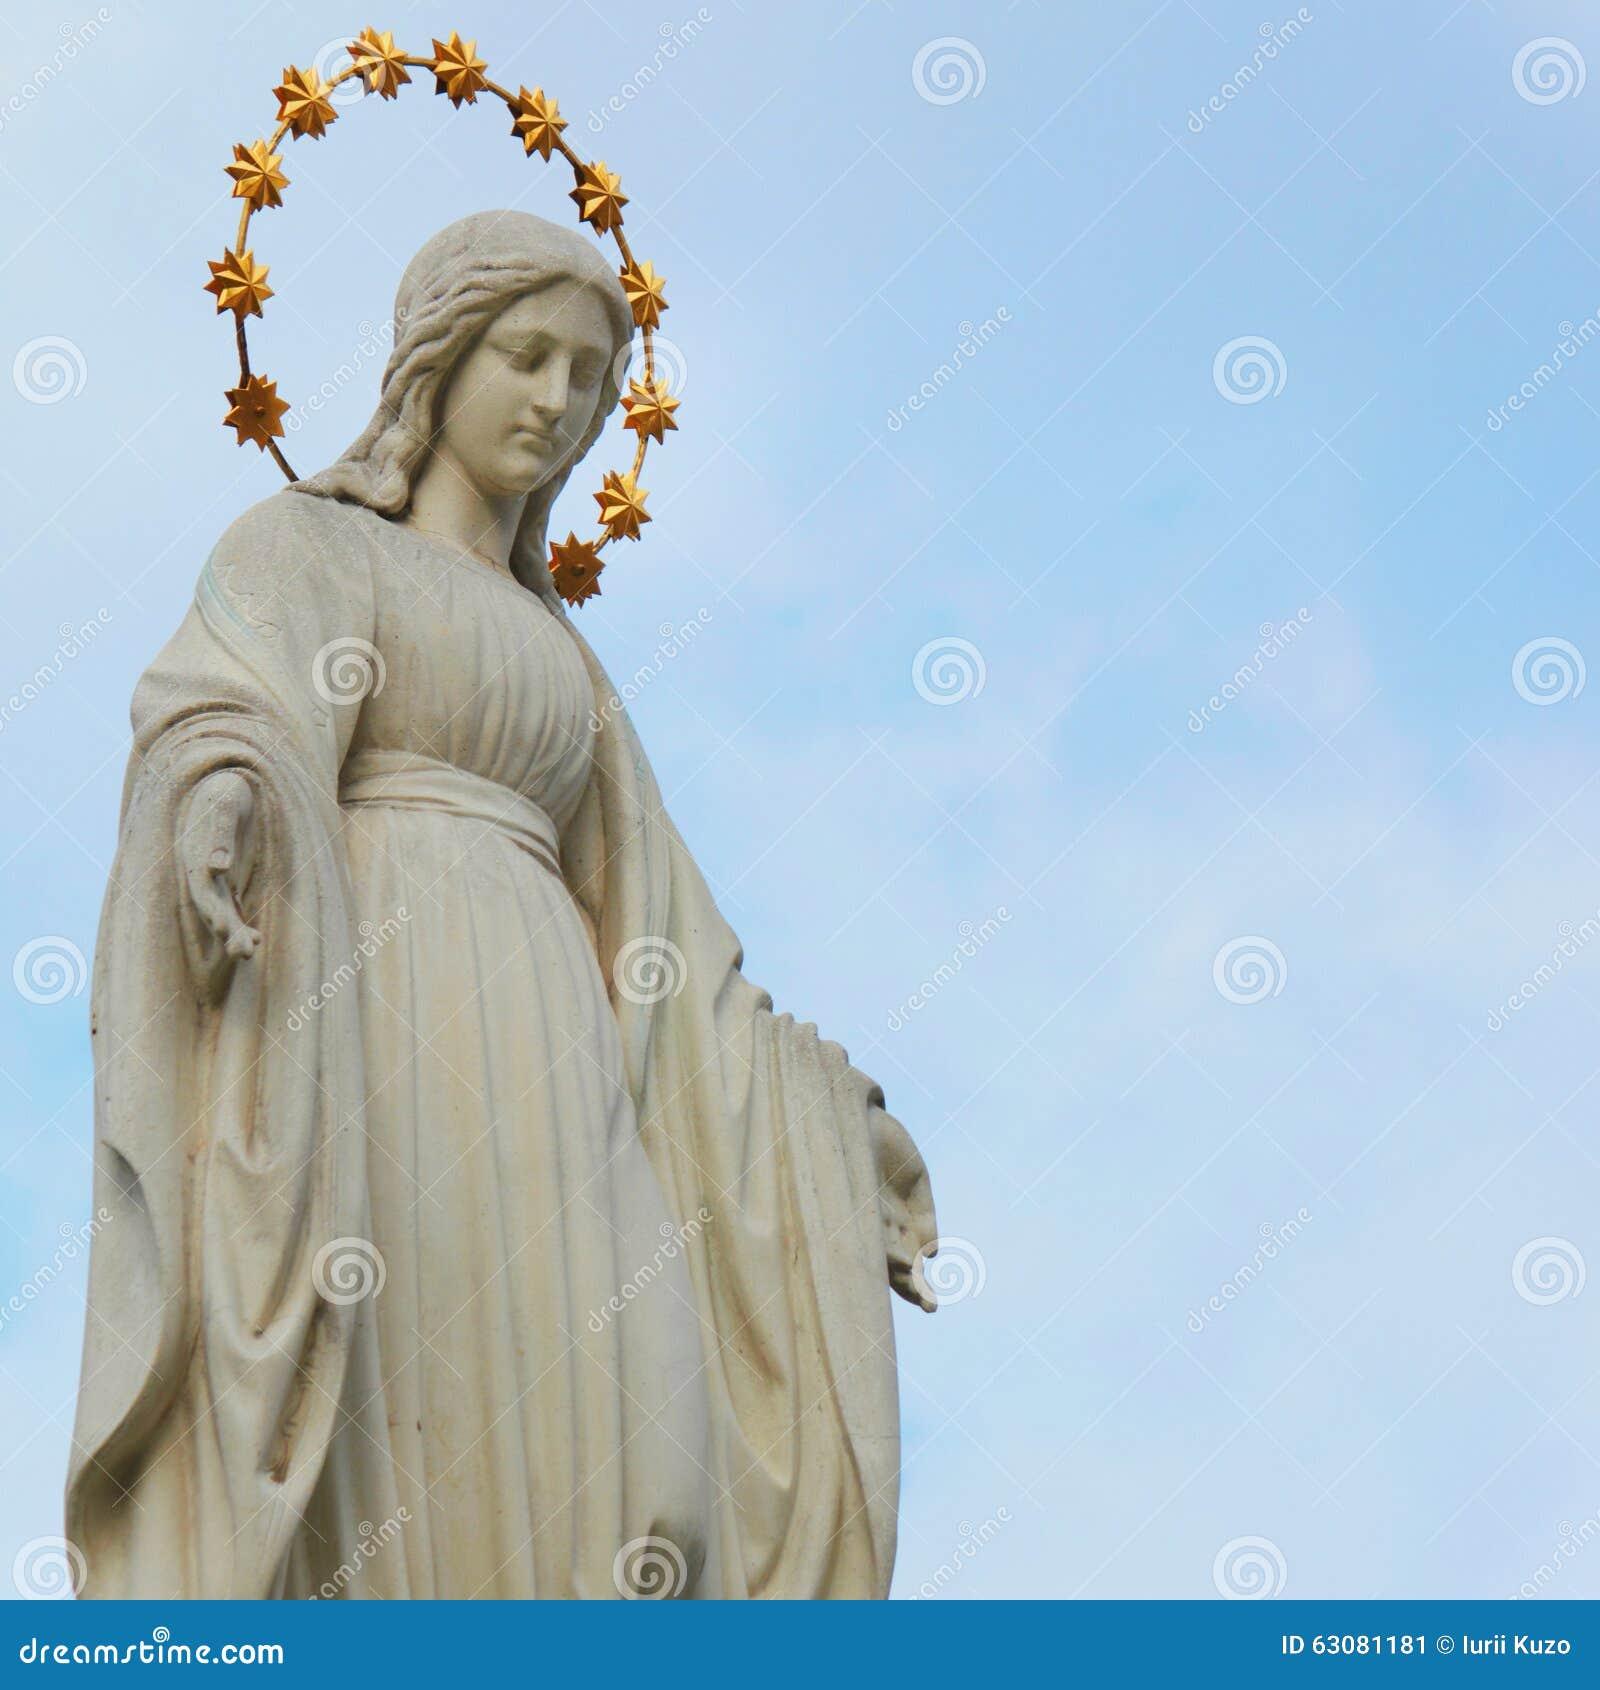 Download Statue de Vierge Marie image stock. Image du prière, beau - 63081181